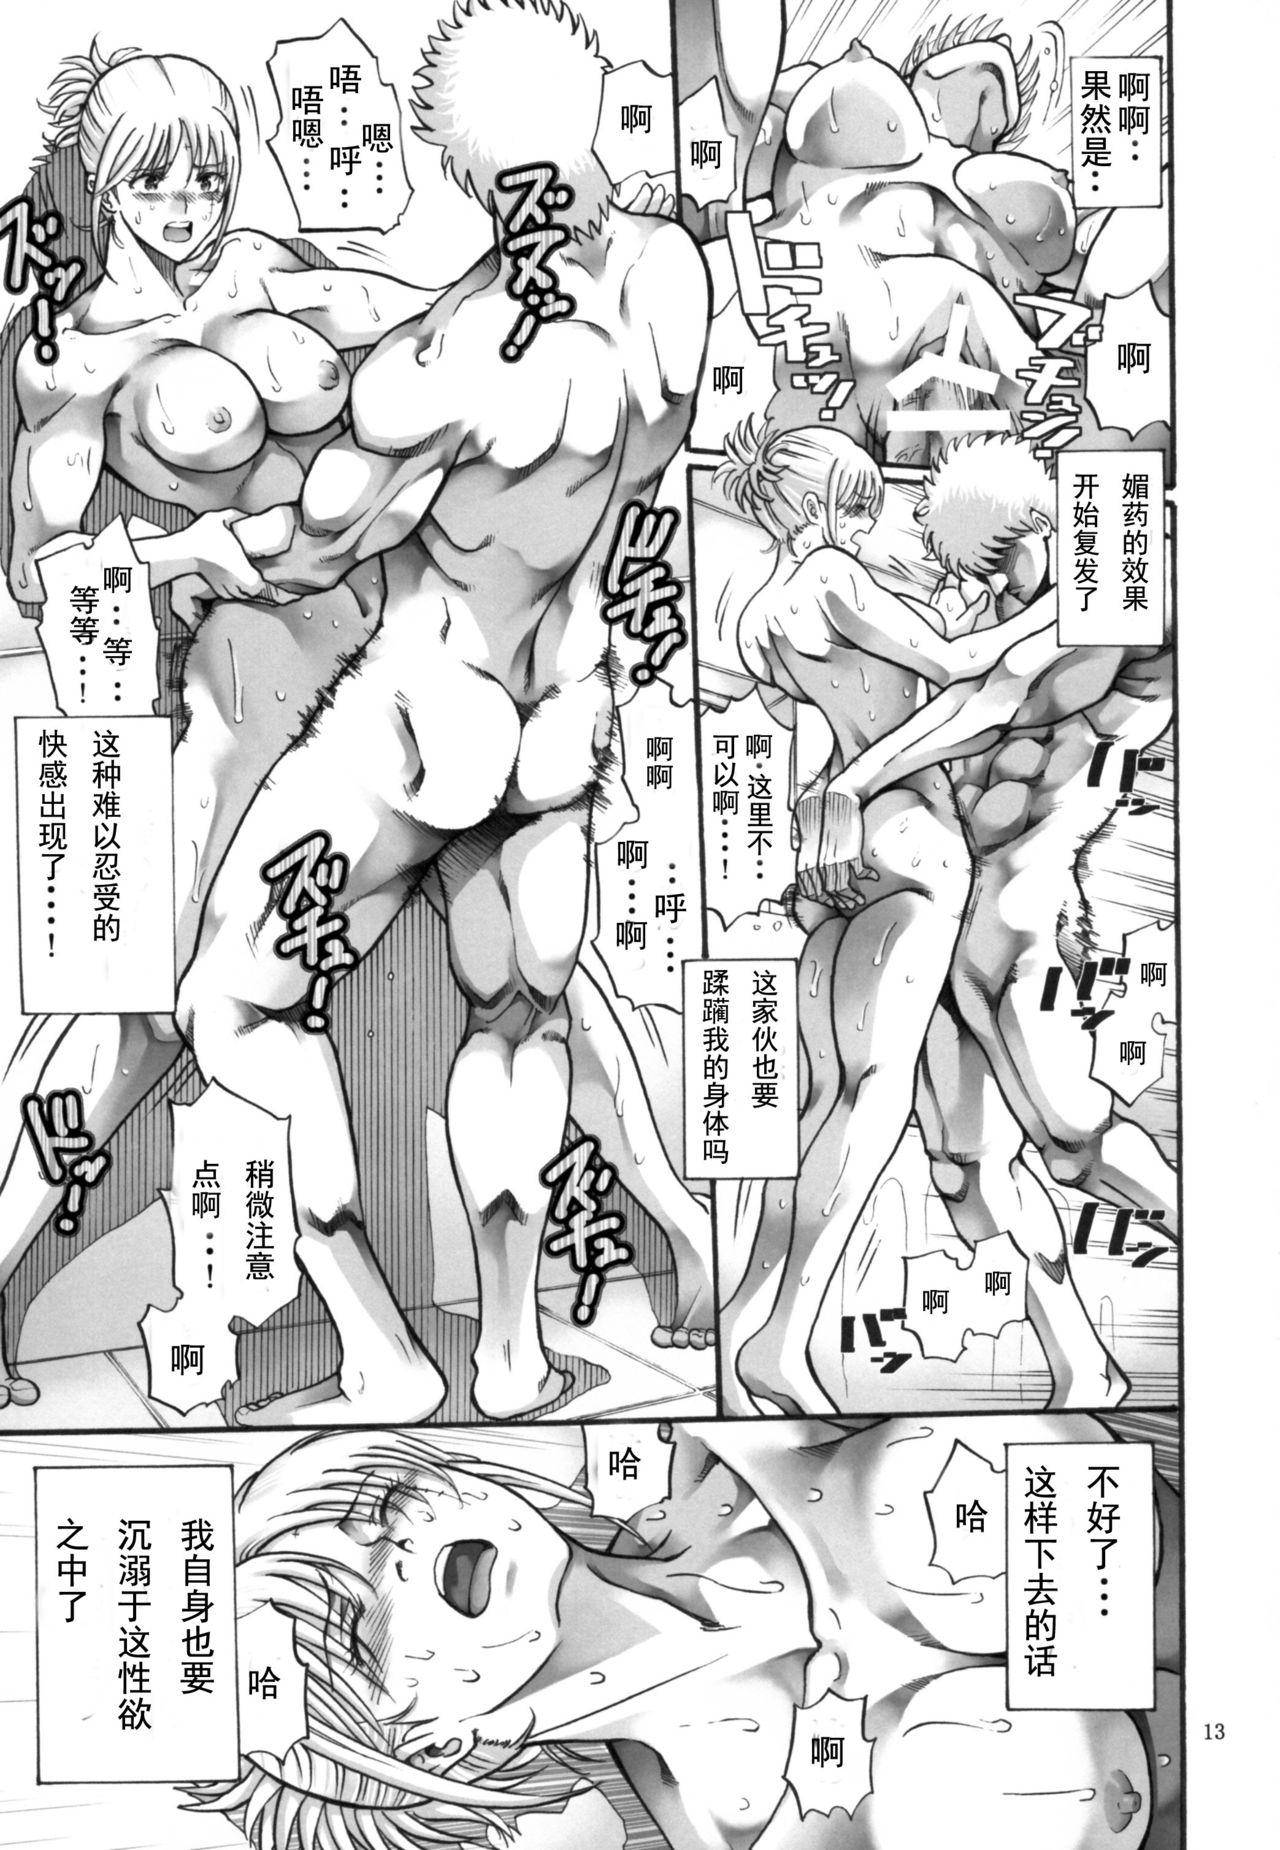 Tsukuyo-san ga Iyarashii Koto o Sarete Shimau Hanashi 5 13